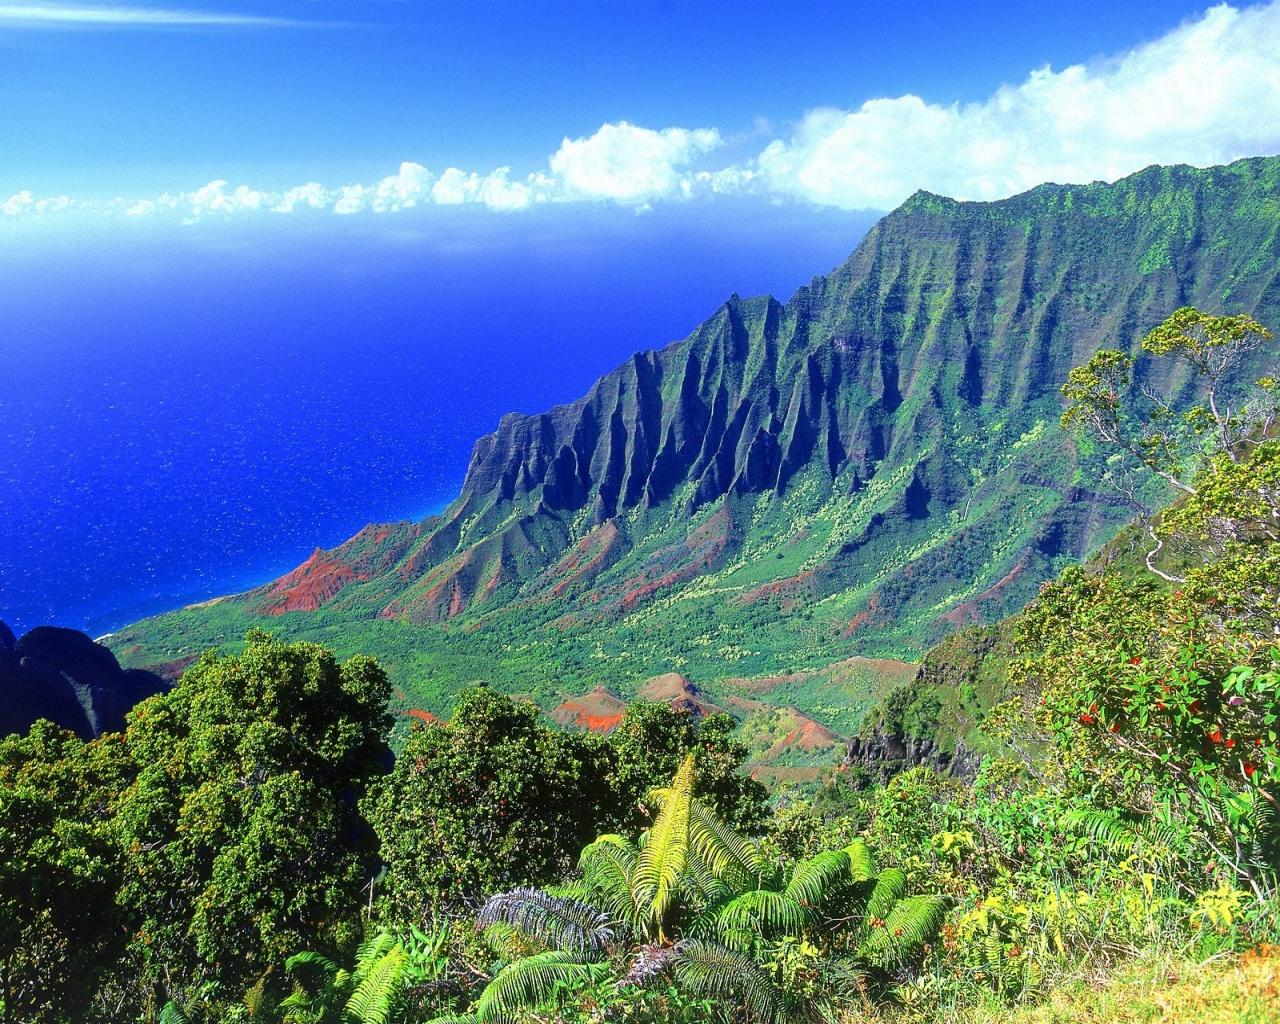 http://4.bp.blogspot.com/_okrHfSI-te4/TLIVJTKfL3I/AAAAAAAAAN0/g-h5rrBJXBA/s1600/the_kalalau_valley_kauai_hawaii-1280x1024.jpg